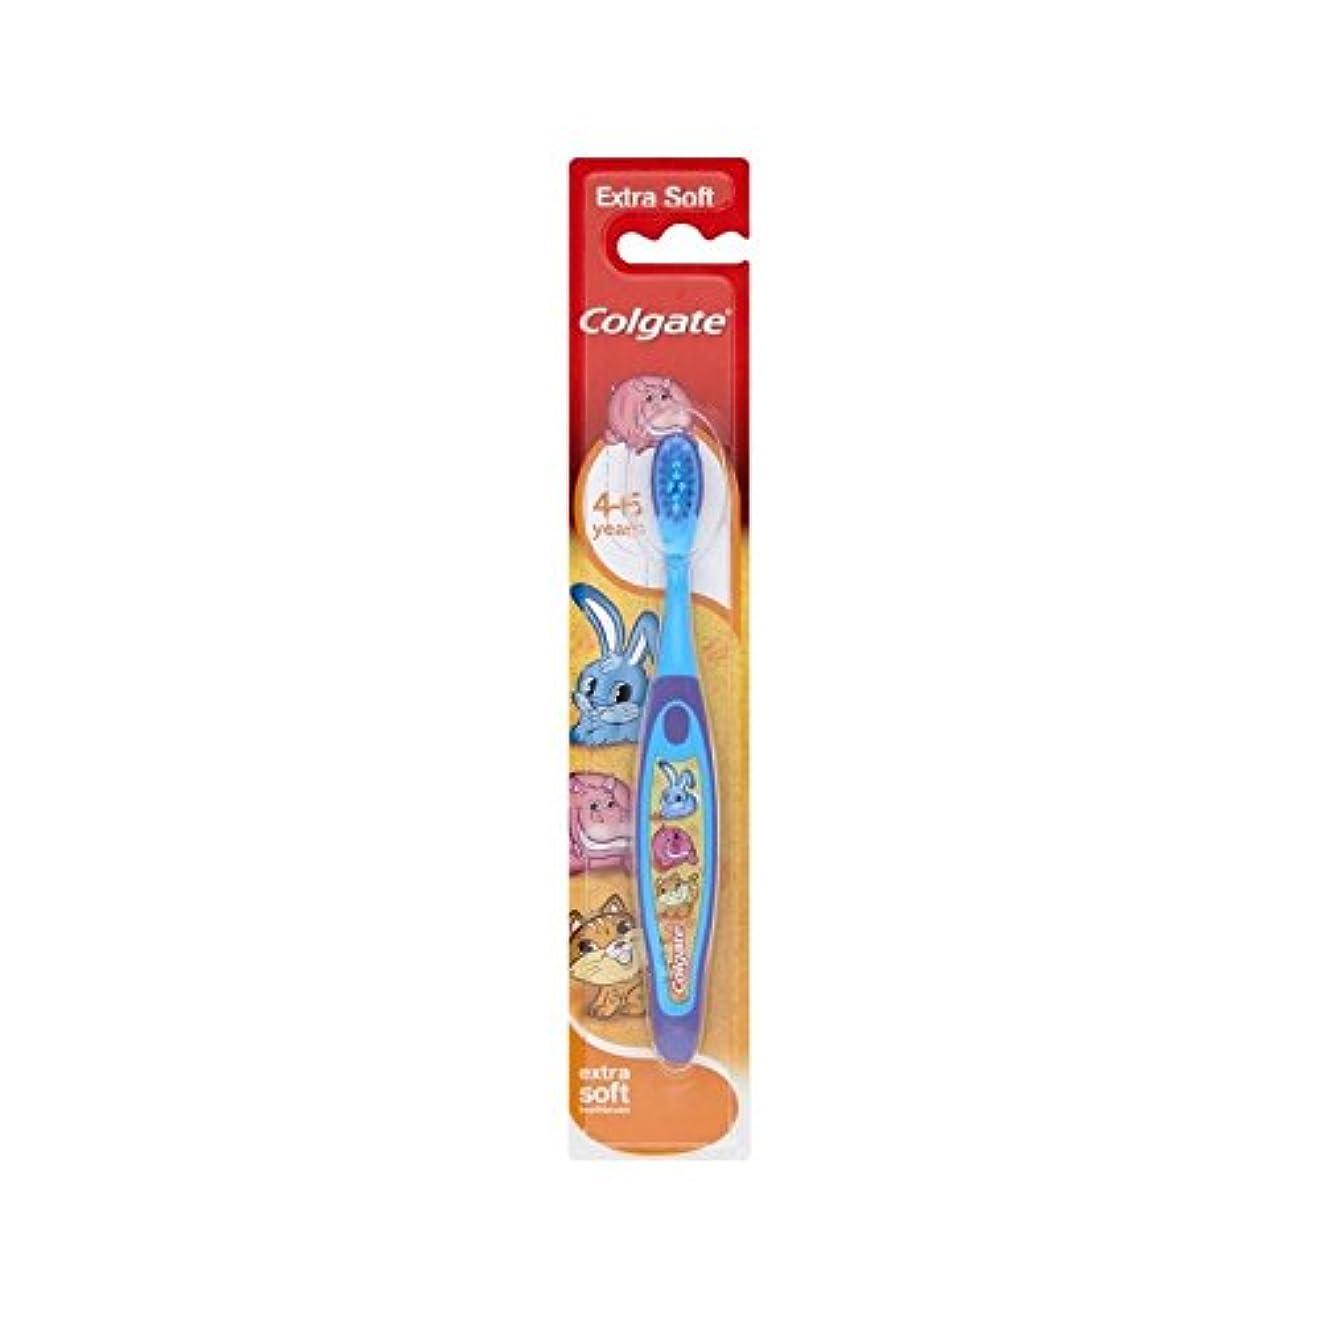 岸無数の引用4-6歳の歯ブラシを笑顔 (Colgate) (x 2) - Colgate Smiles 4-6 Years Old Toothbrush (Pack of 2) [並行輸入品]